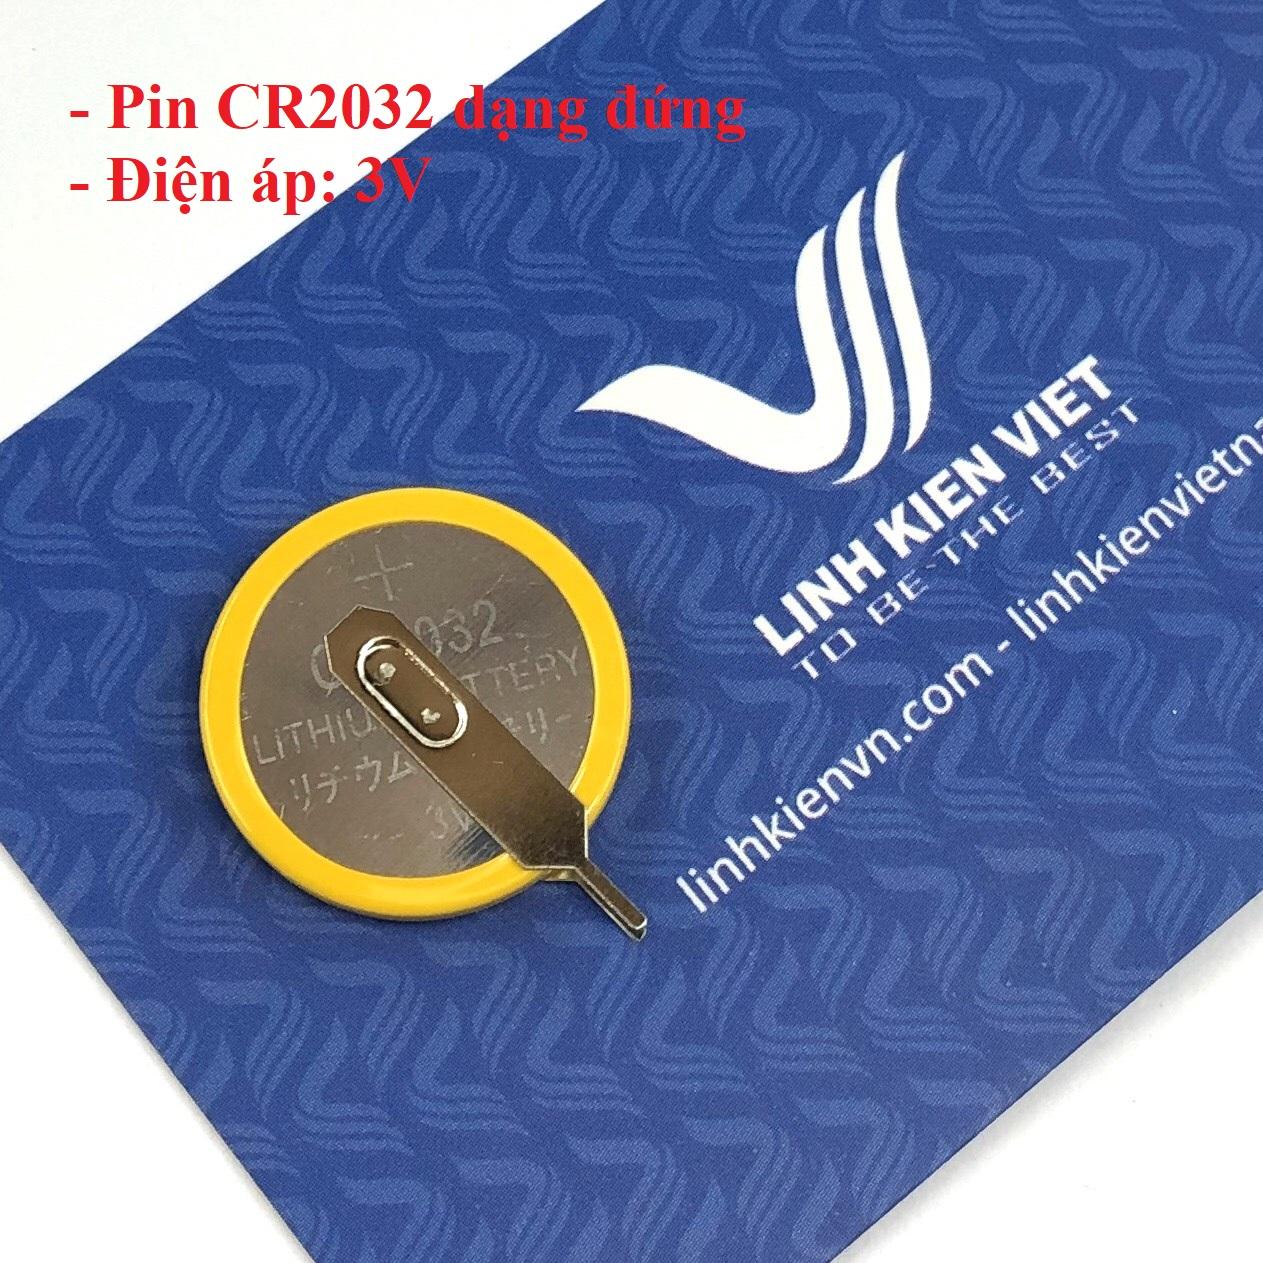 Pin CR2032 3V dạng cắm đứng - i2H23